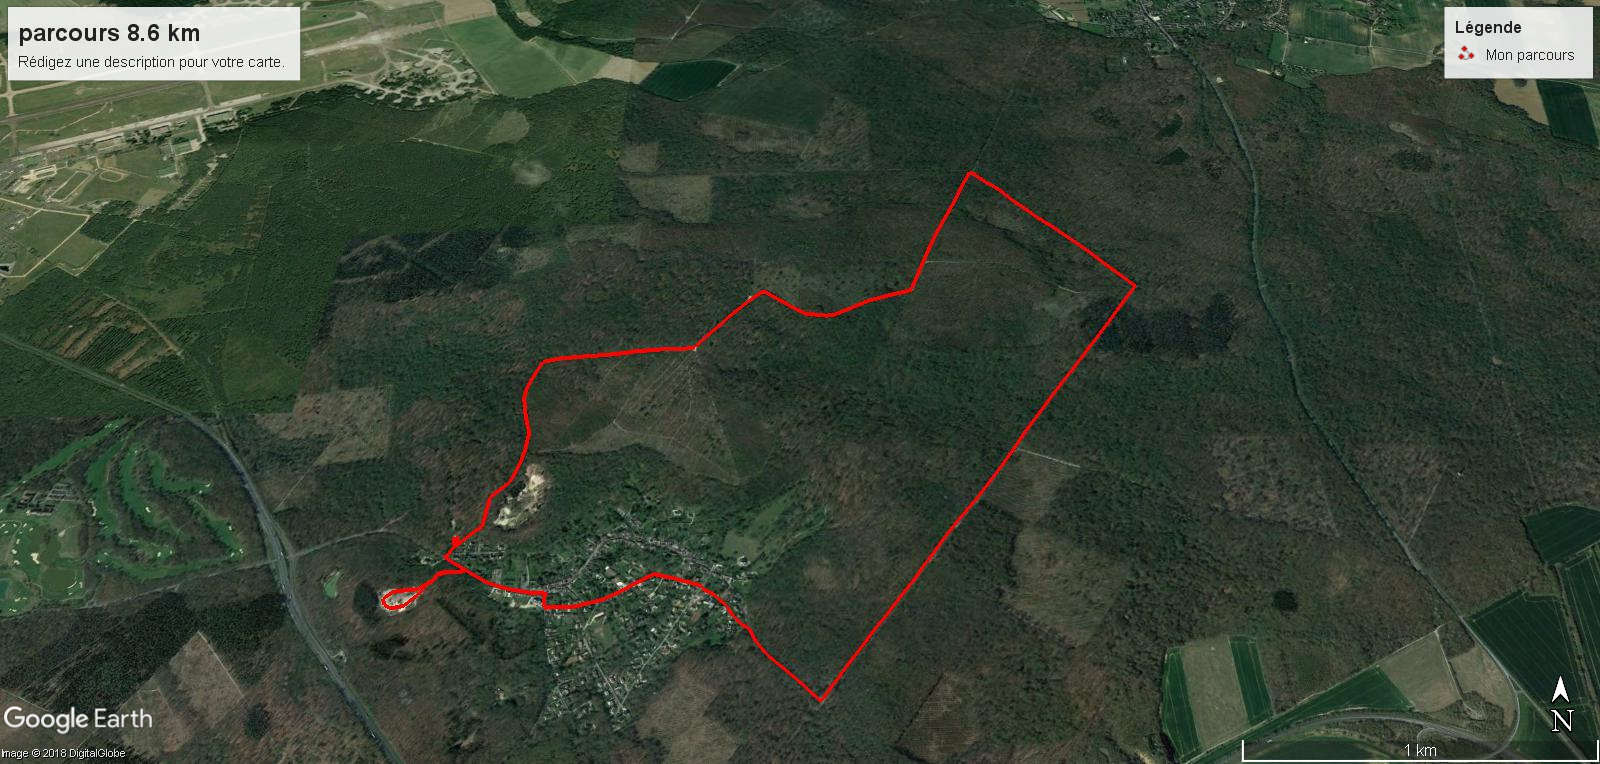 parcours-8.6km-aumont